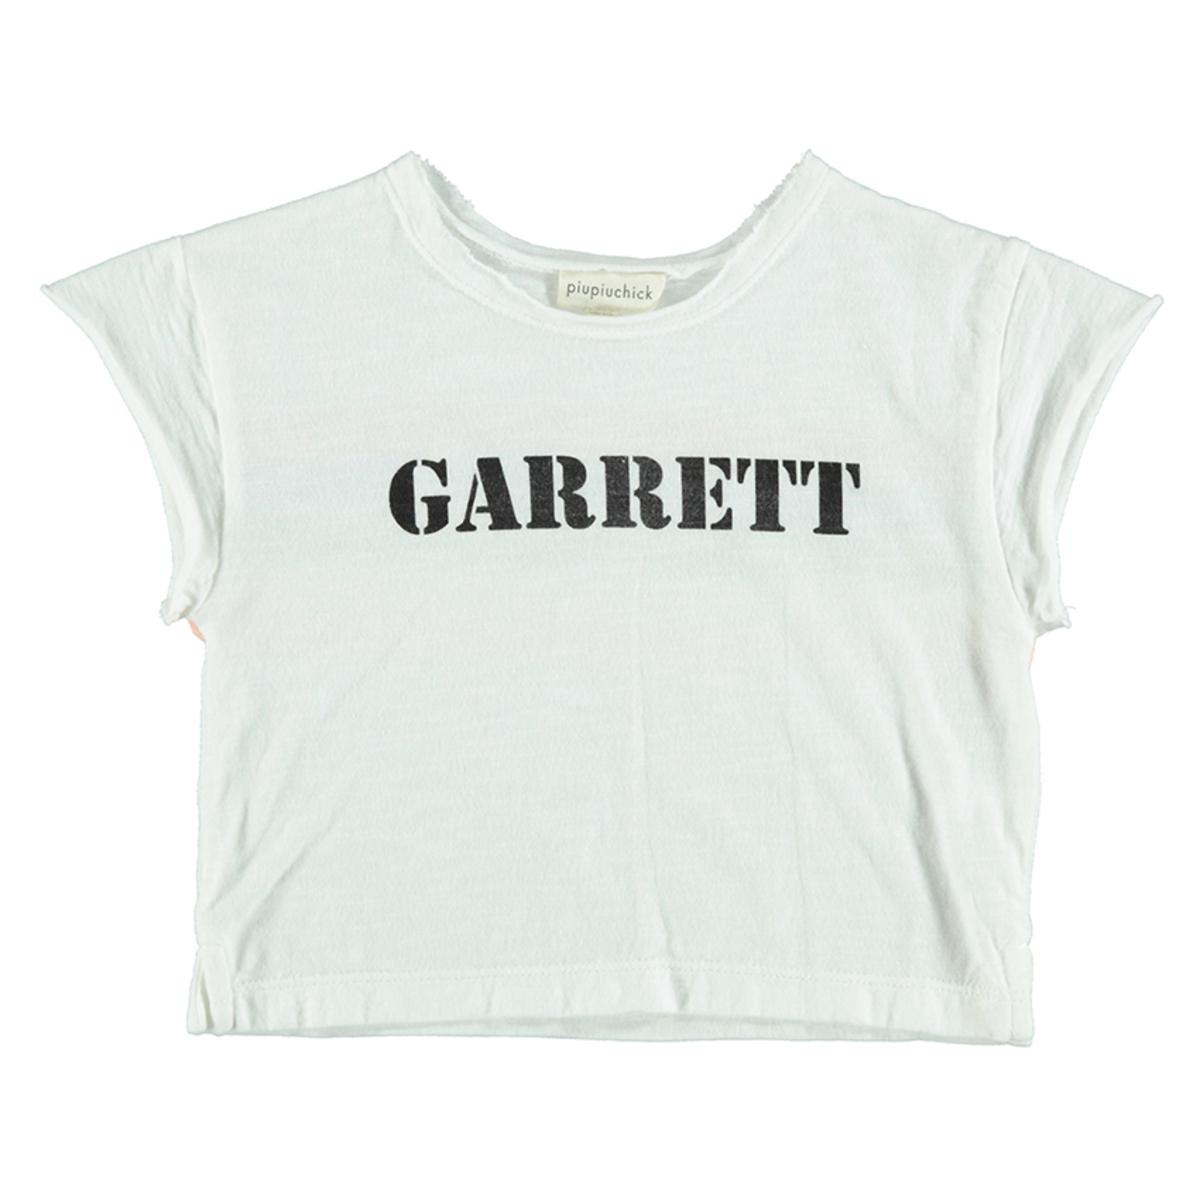 Haut bébé T-Shirt Arc-en-Ciel - 18 Mois T-Shirt Arc-en-Ciel - 18 Mois